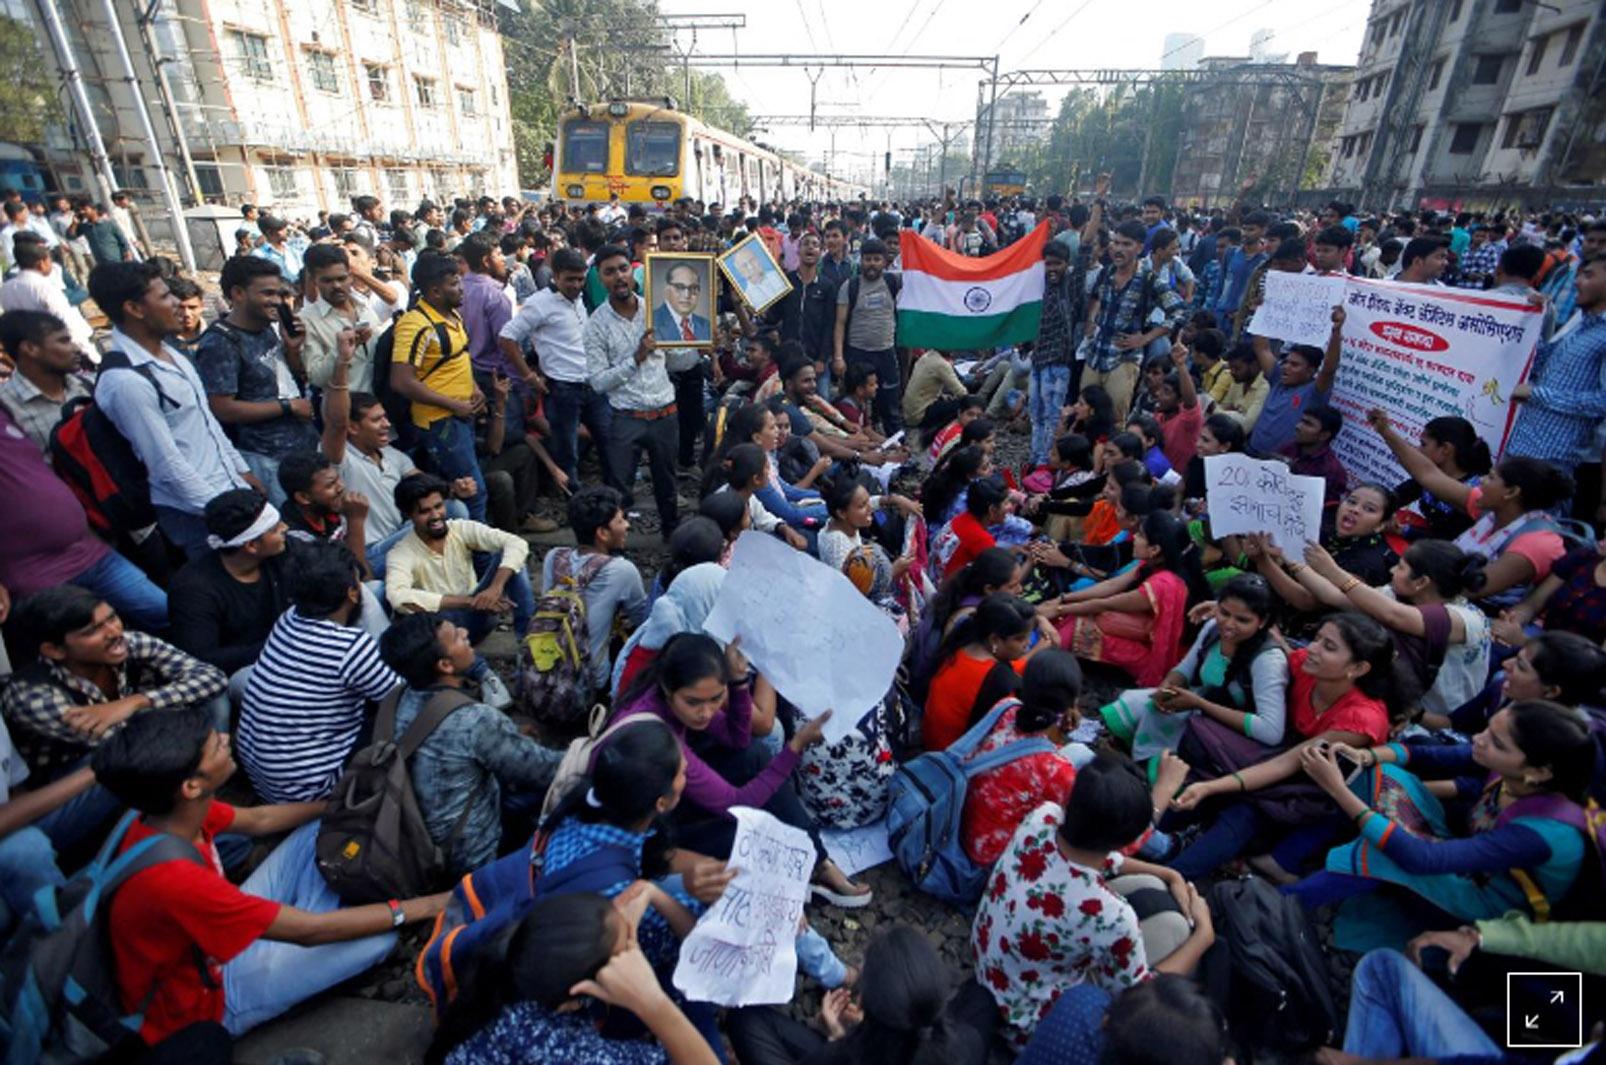 Hơn 25 triệu người nộp đơn xin việc làm trong ngành đường sắt của Ấn Độ